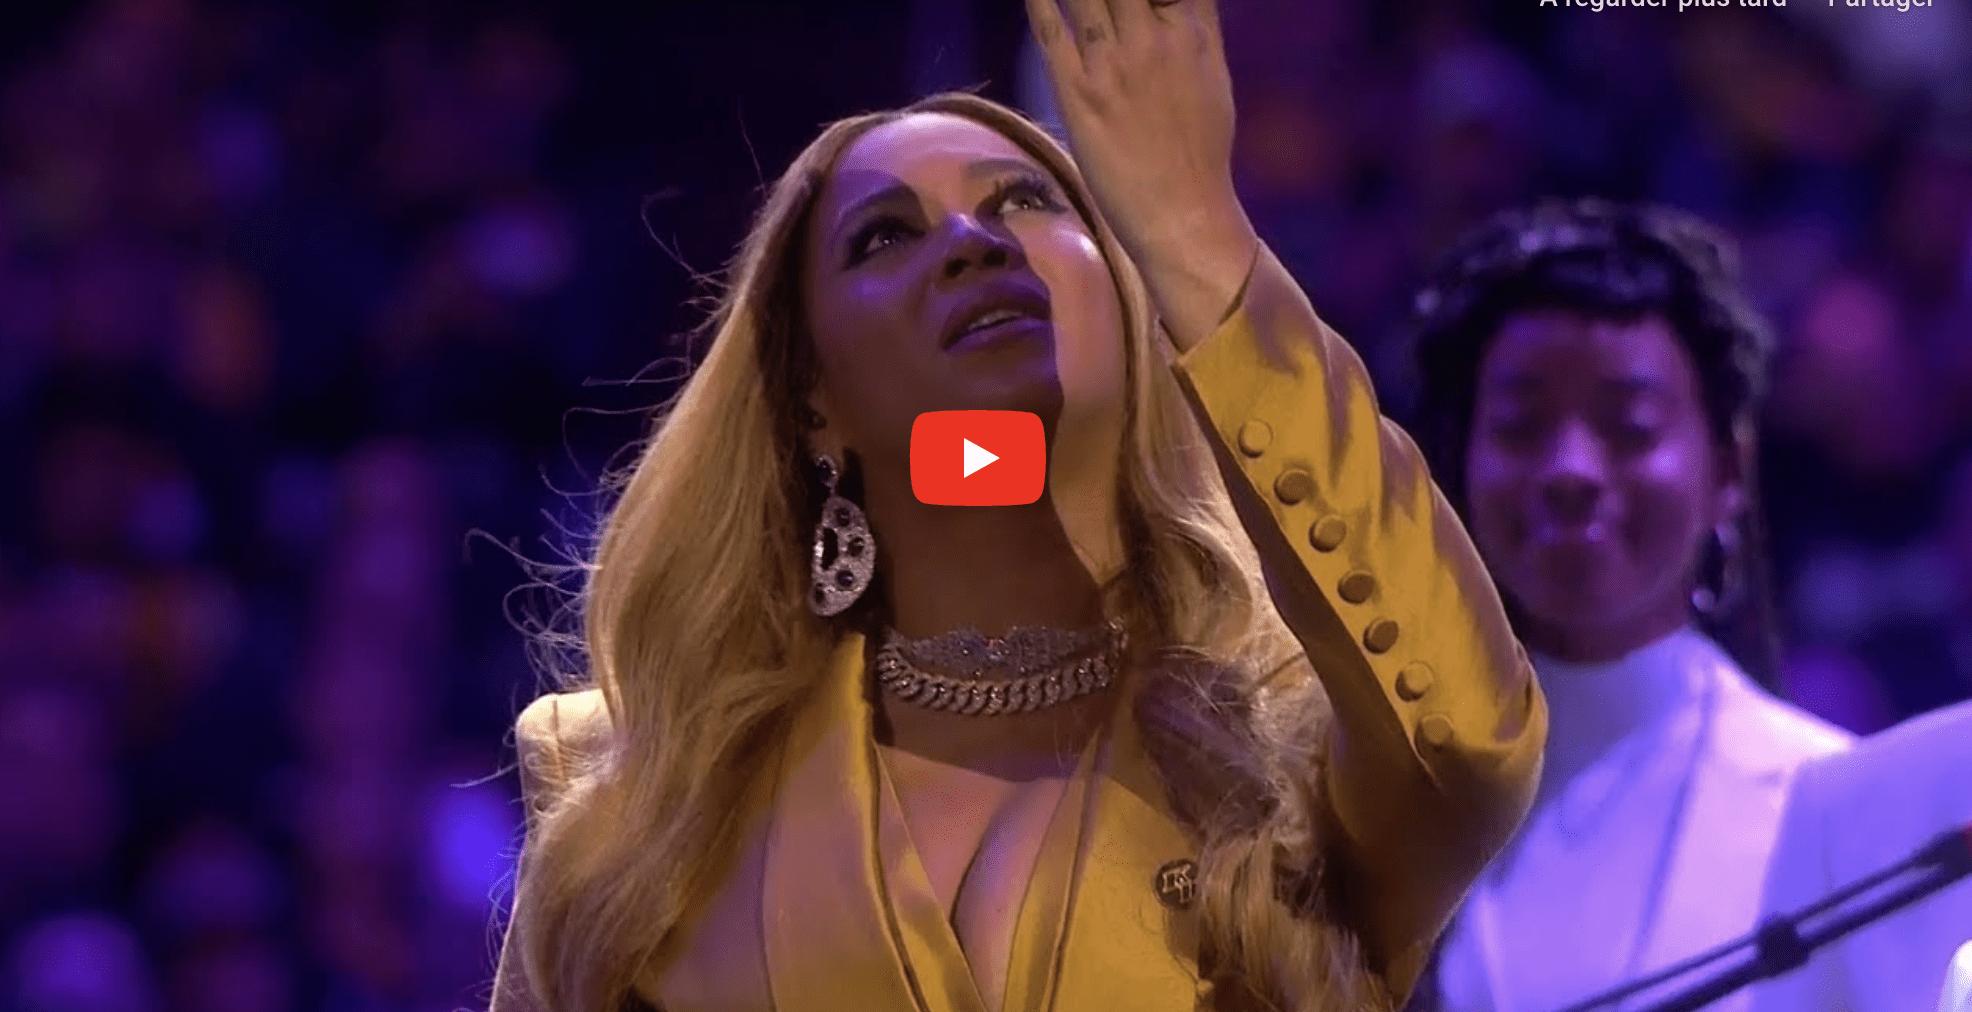 Vidéo : Beyoncé chante pour l'hommage à Kobe Bryant